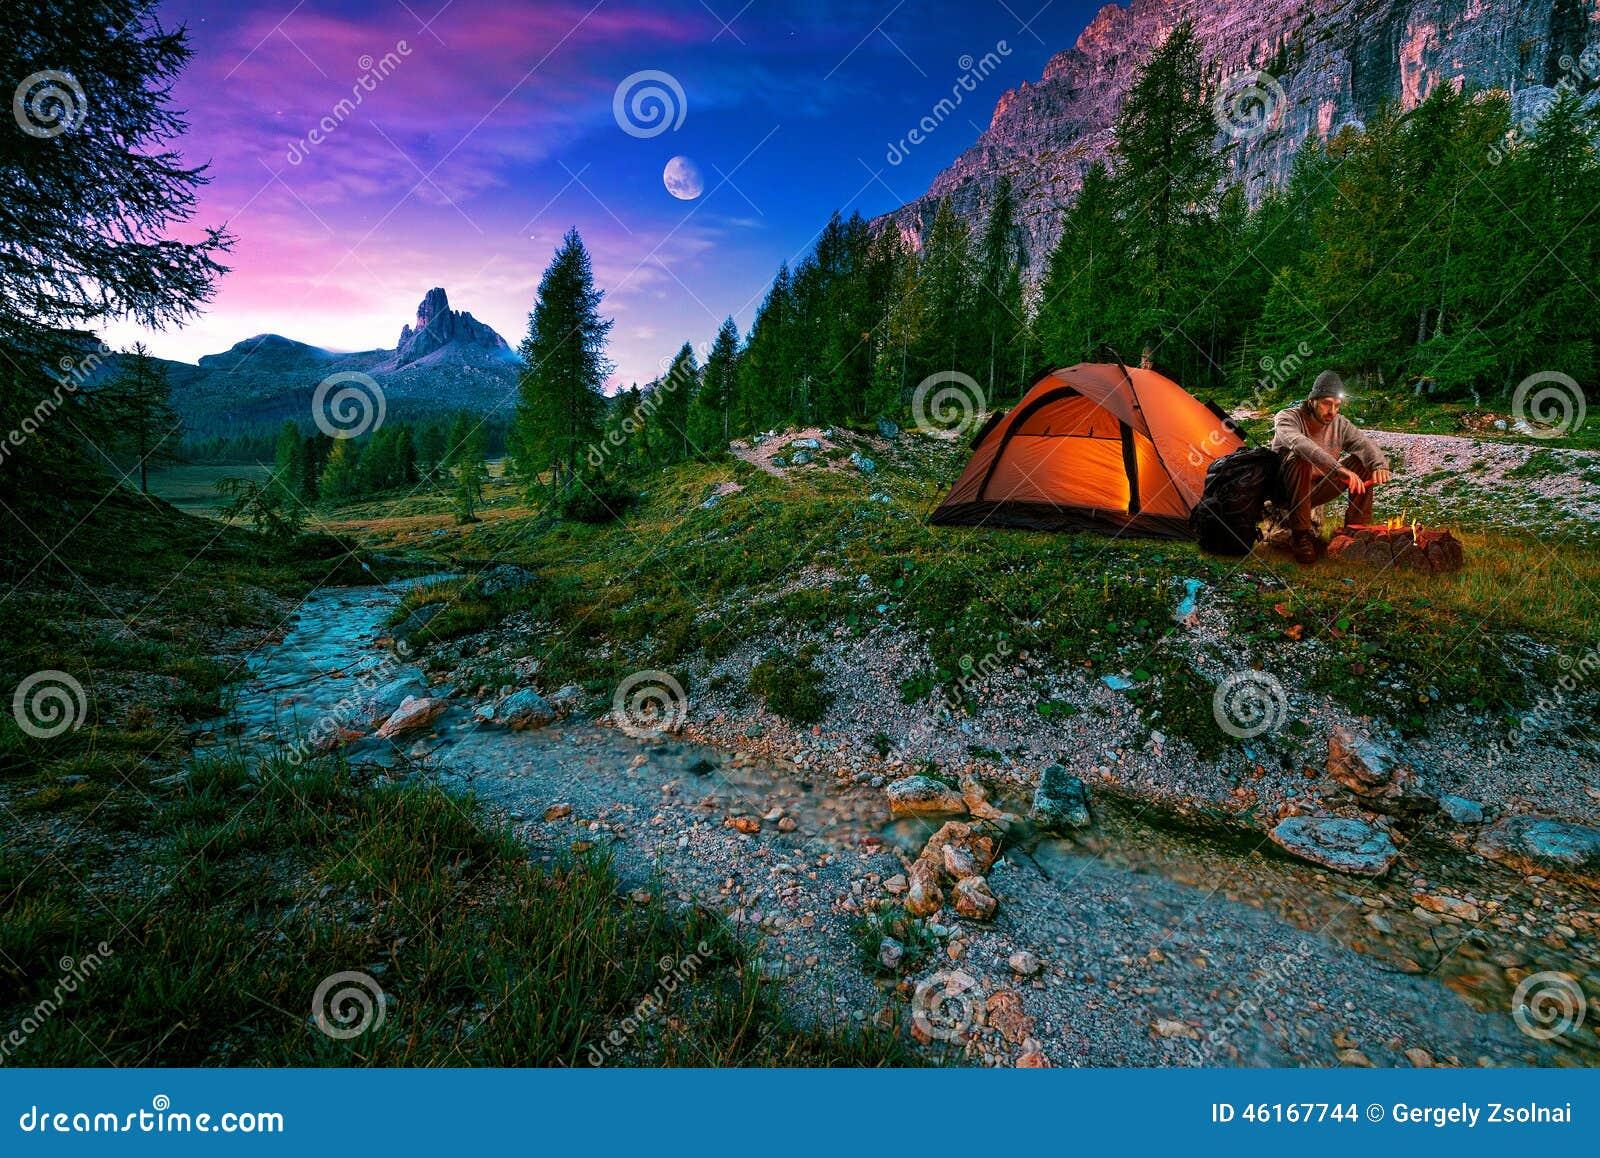 Paysage mystique de nuit, dans la hausse de premier plan, le feu de camp et la tente